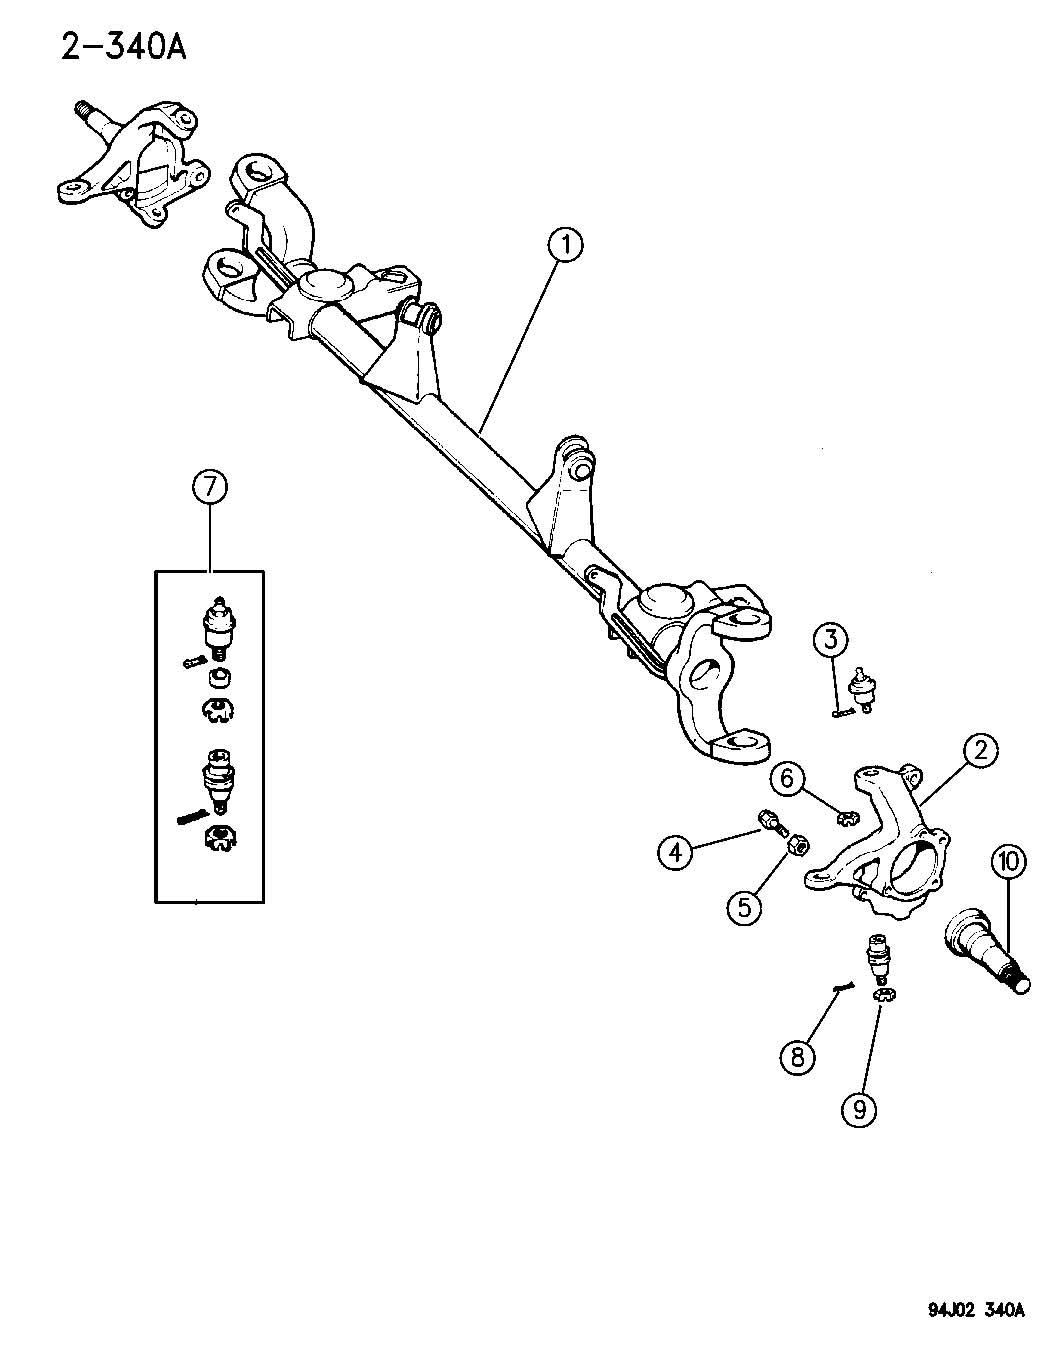 2014 jk wiring diagram